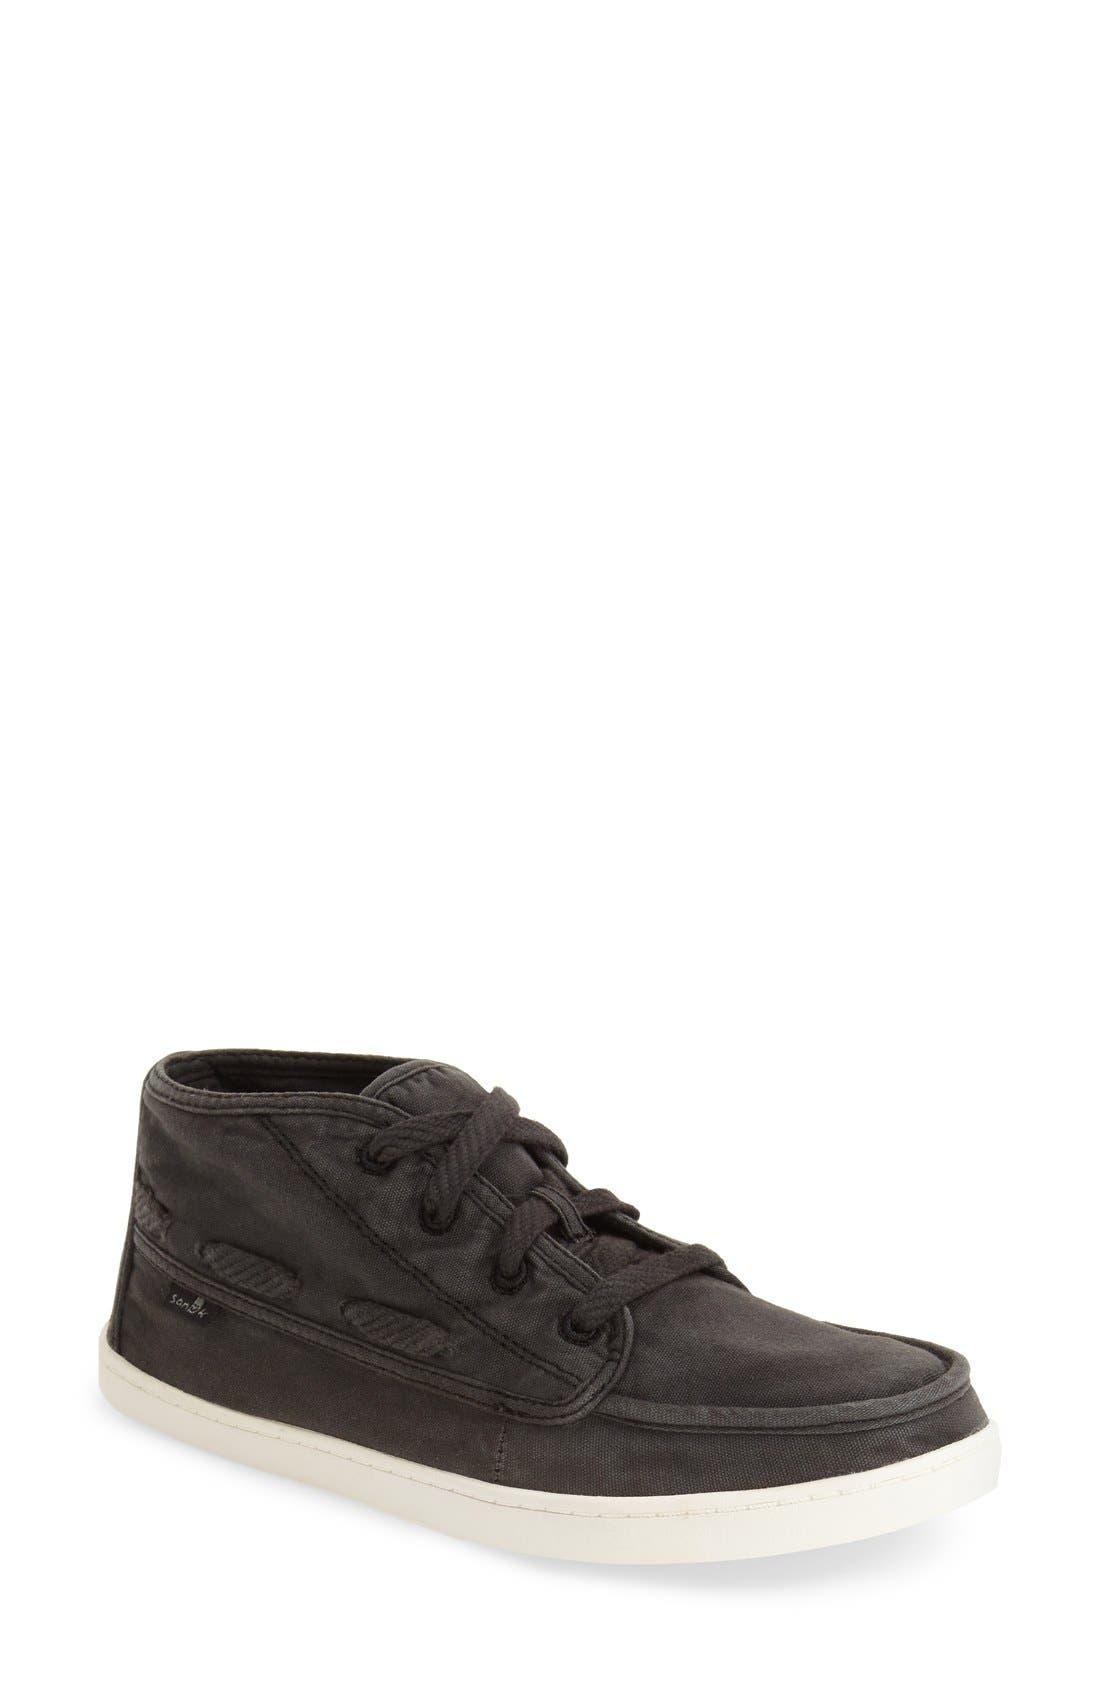 Sanuk 'Vee K Shawn' High Top Sneaker (Women)